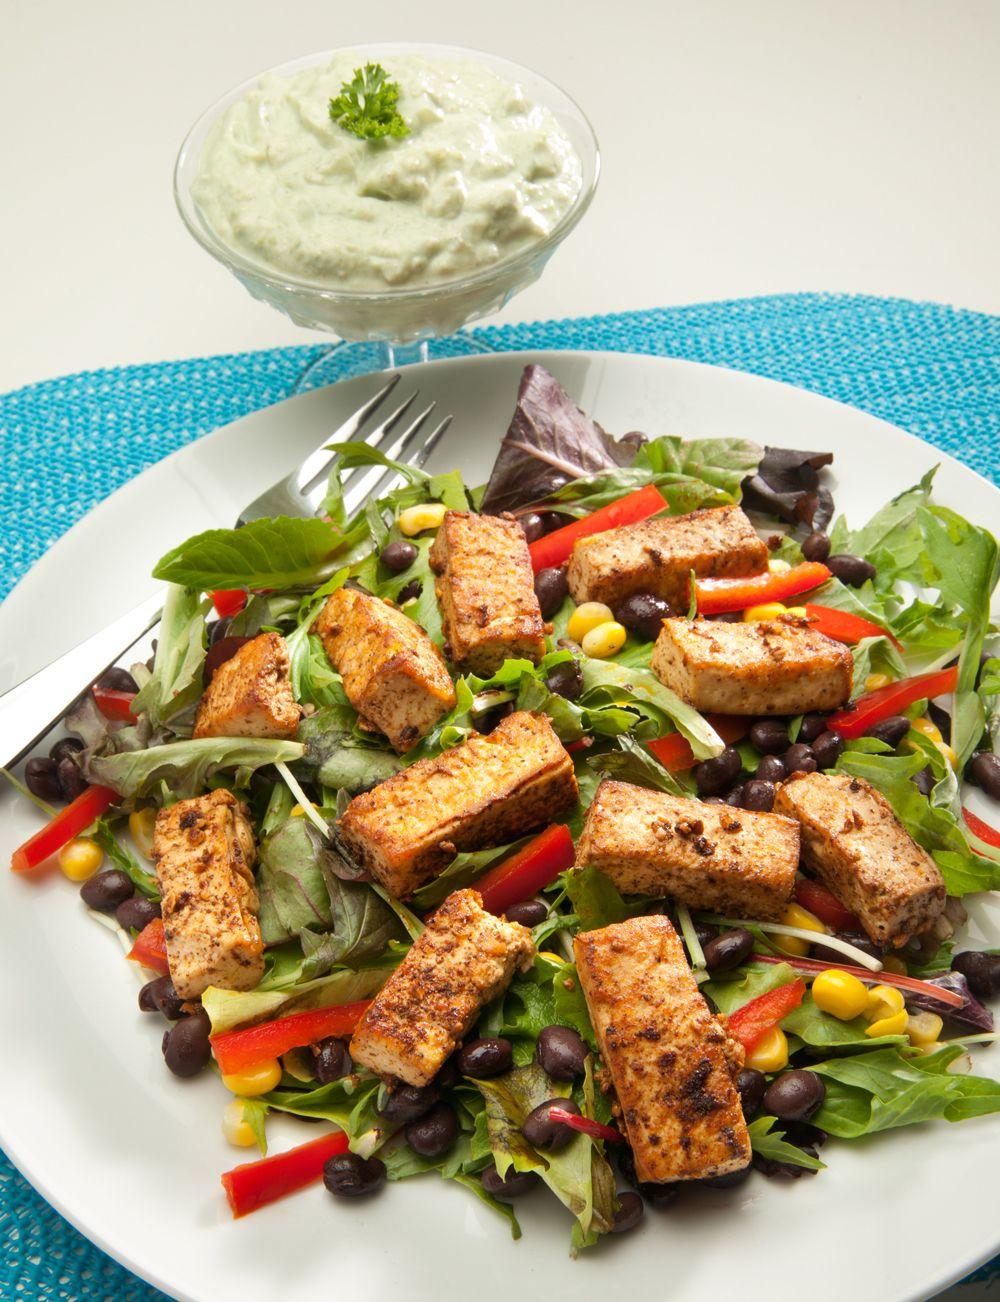 время режимно-наладочных салат из тофу рецепты с фото серии